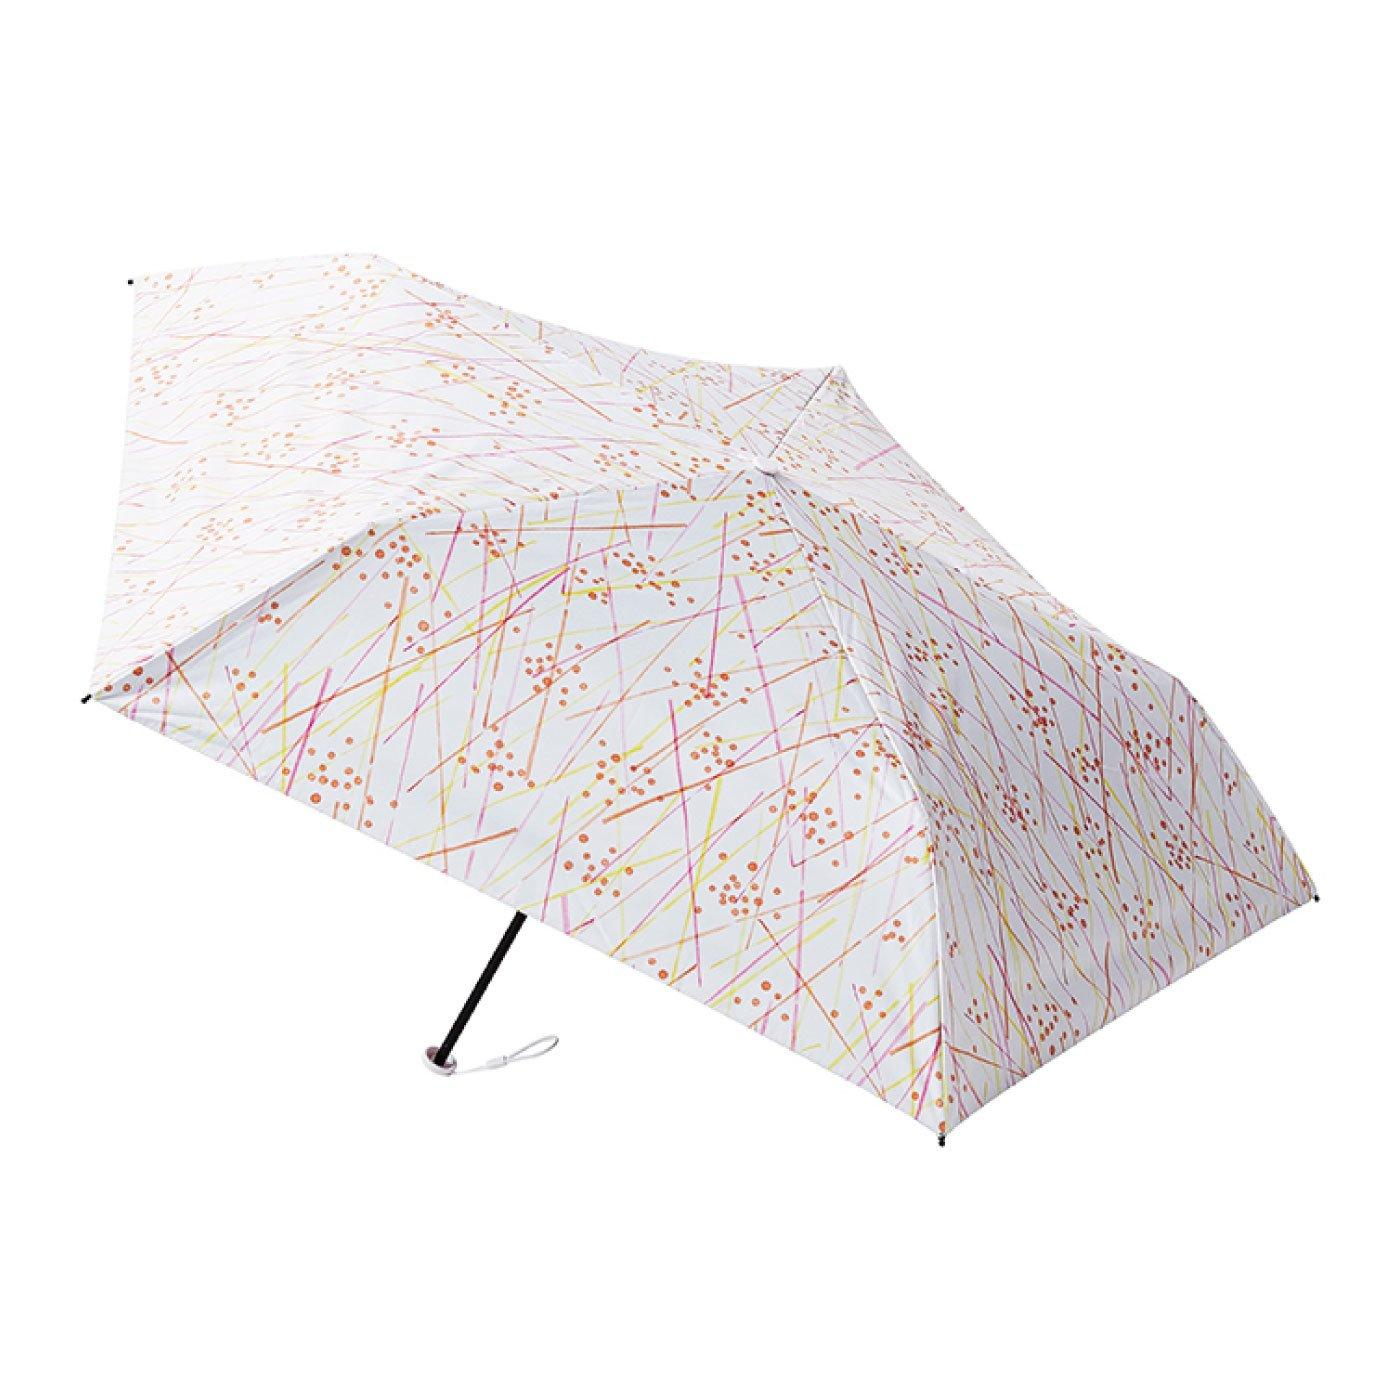 晴雨兼用 estaa / エスタ 一級遮光 超軽量傘 『ライン』